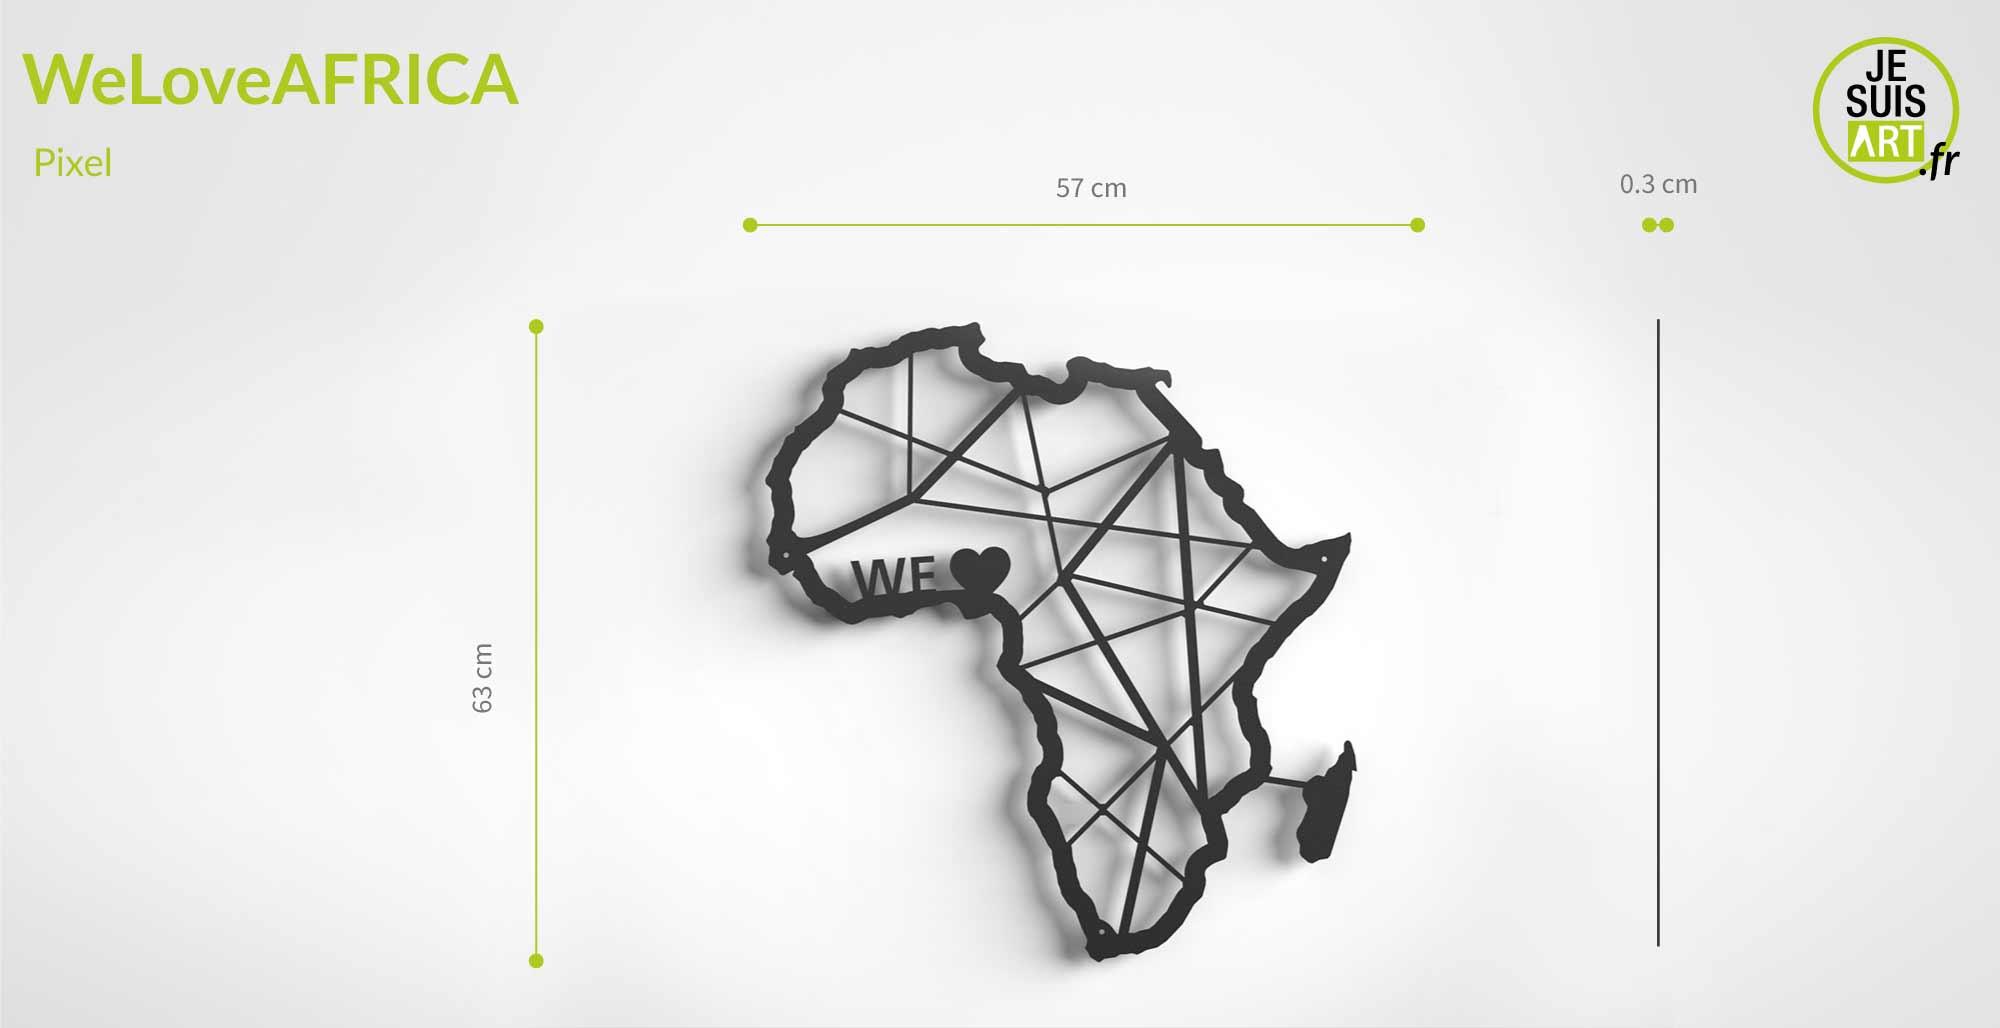 WeLove-AFRICA_pixel